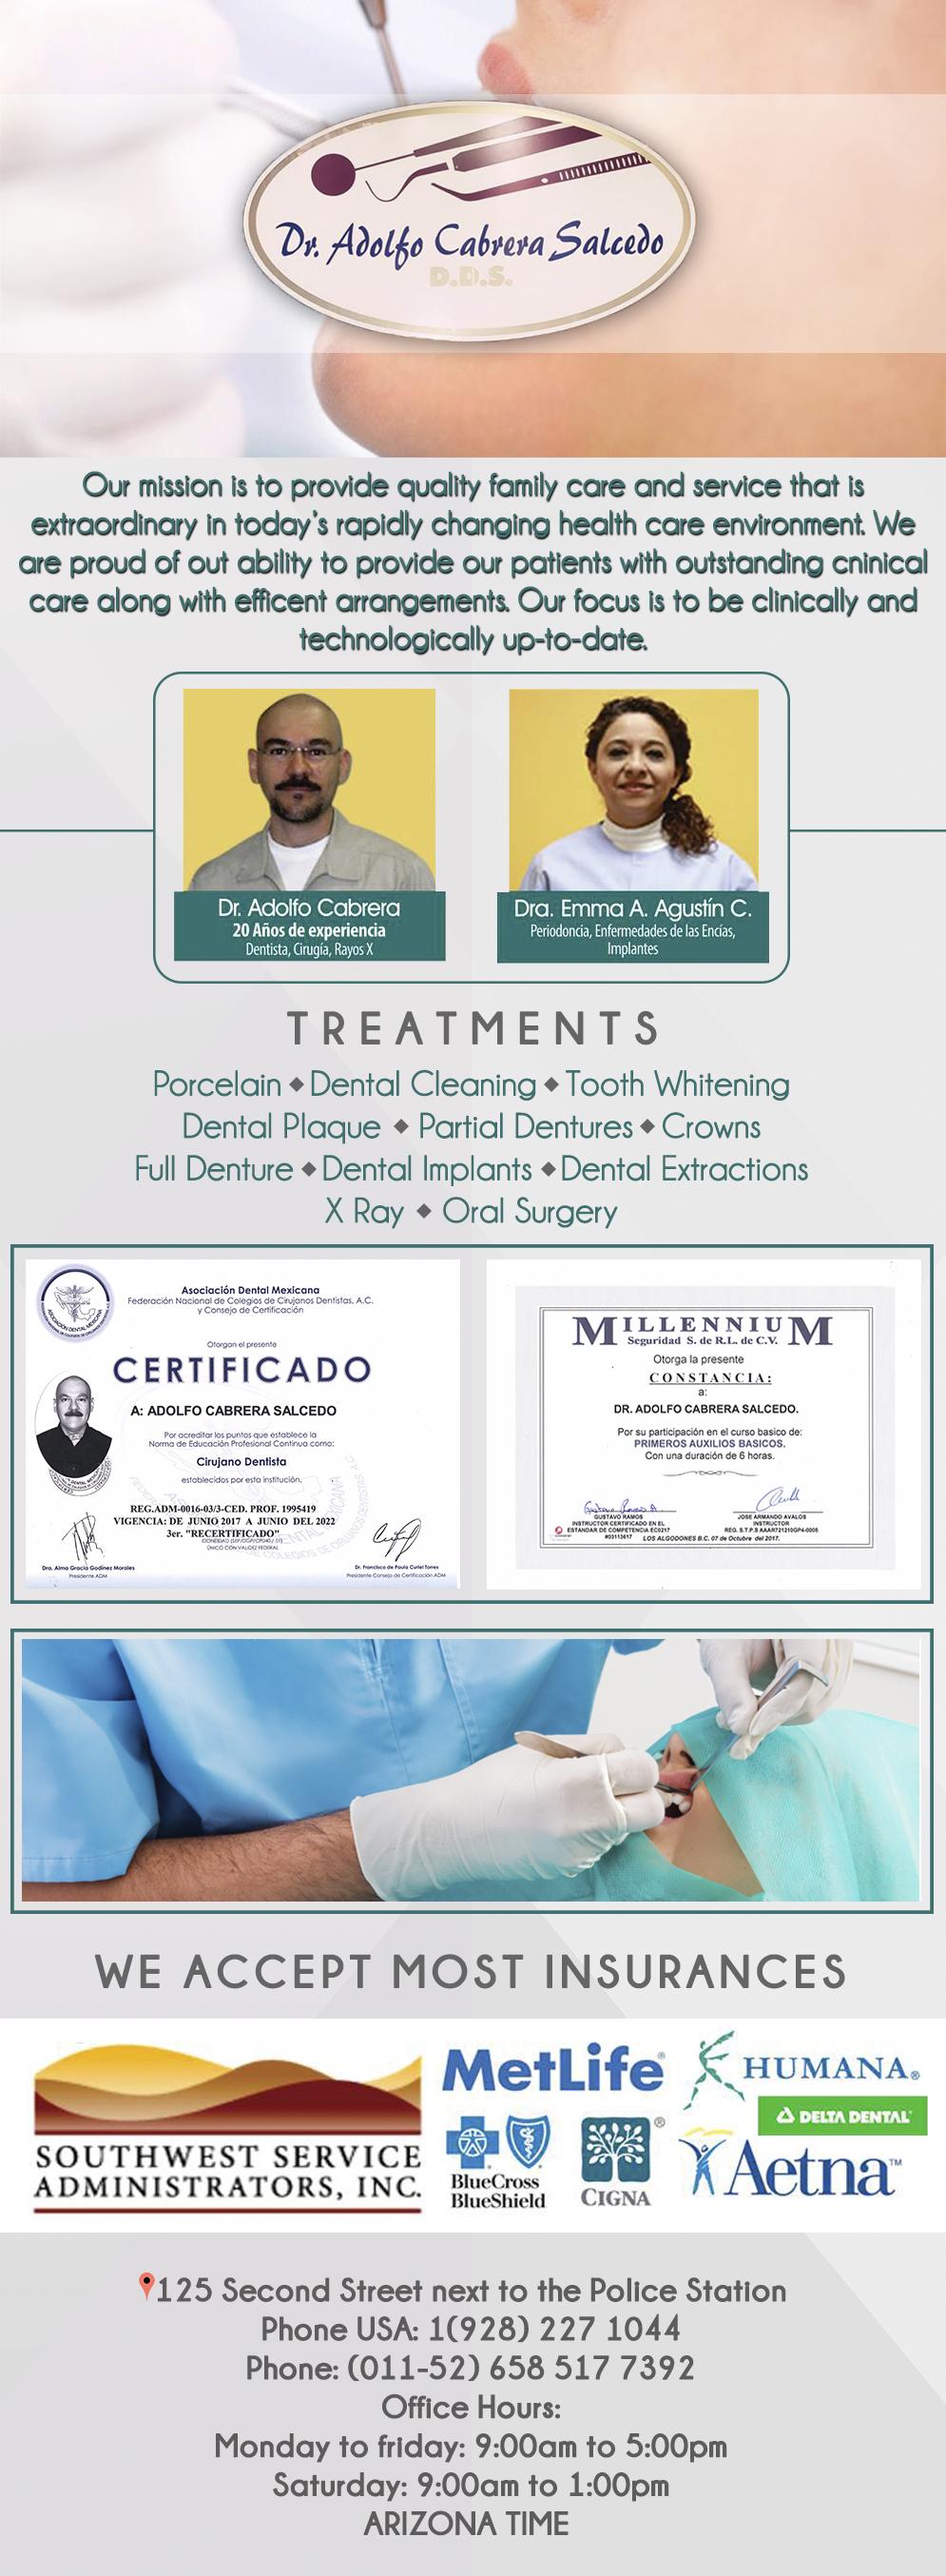 Dental Cabrera in Algodones  in Algodones  Periodontics and Implants Periodontics and Implants